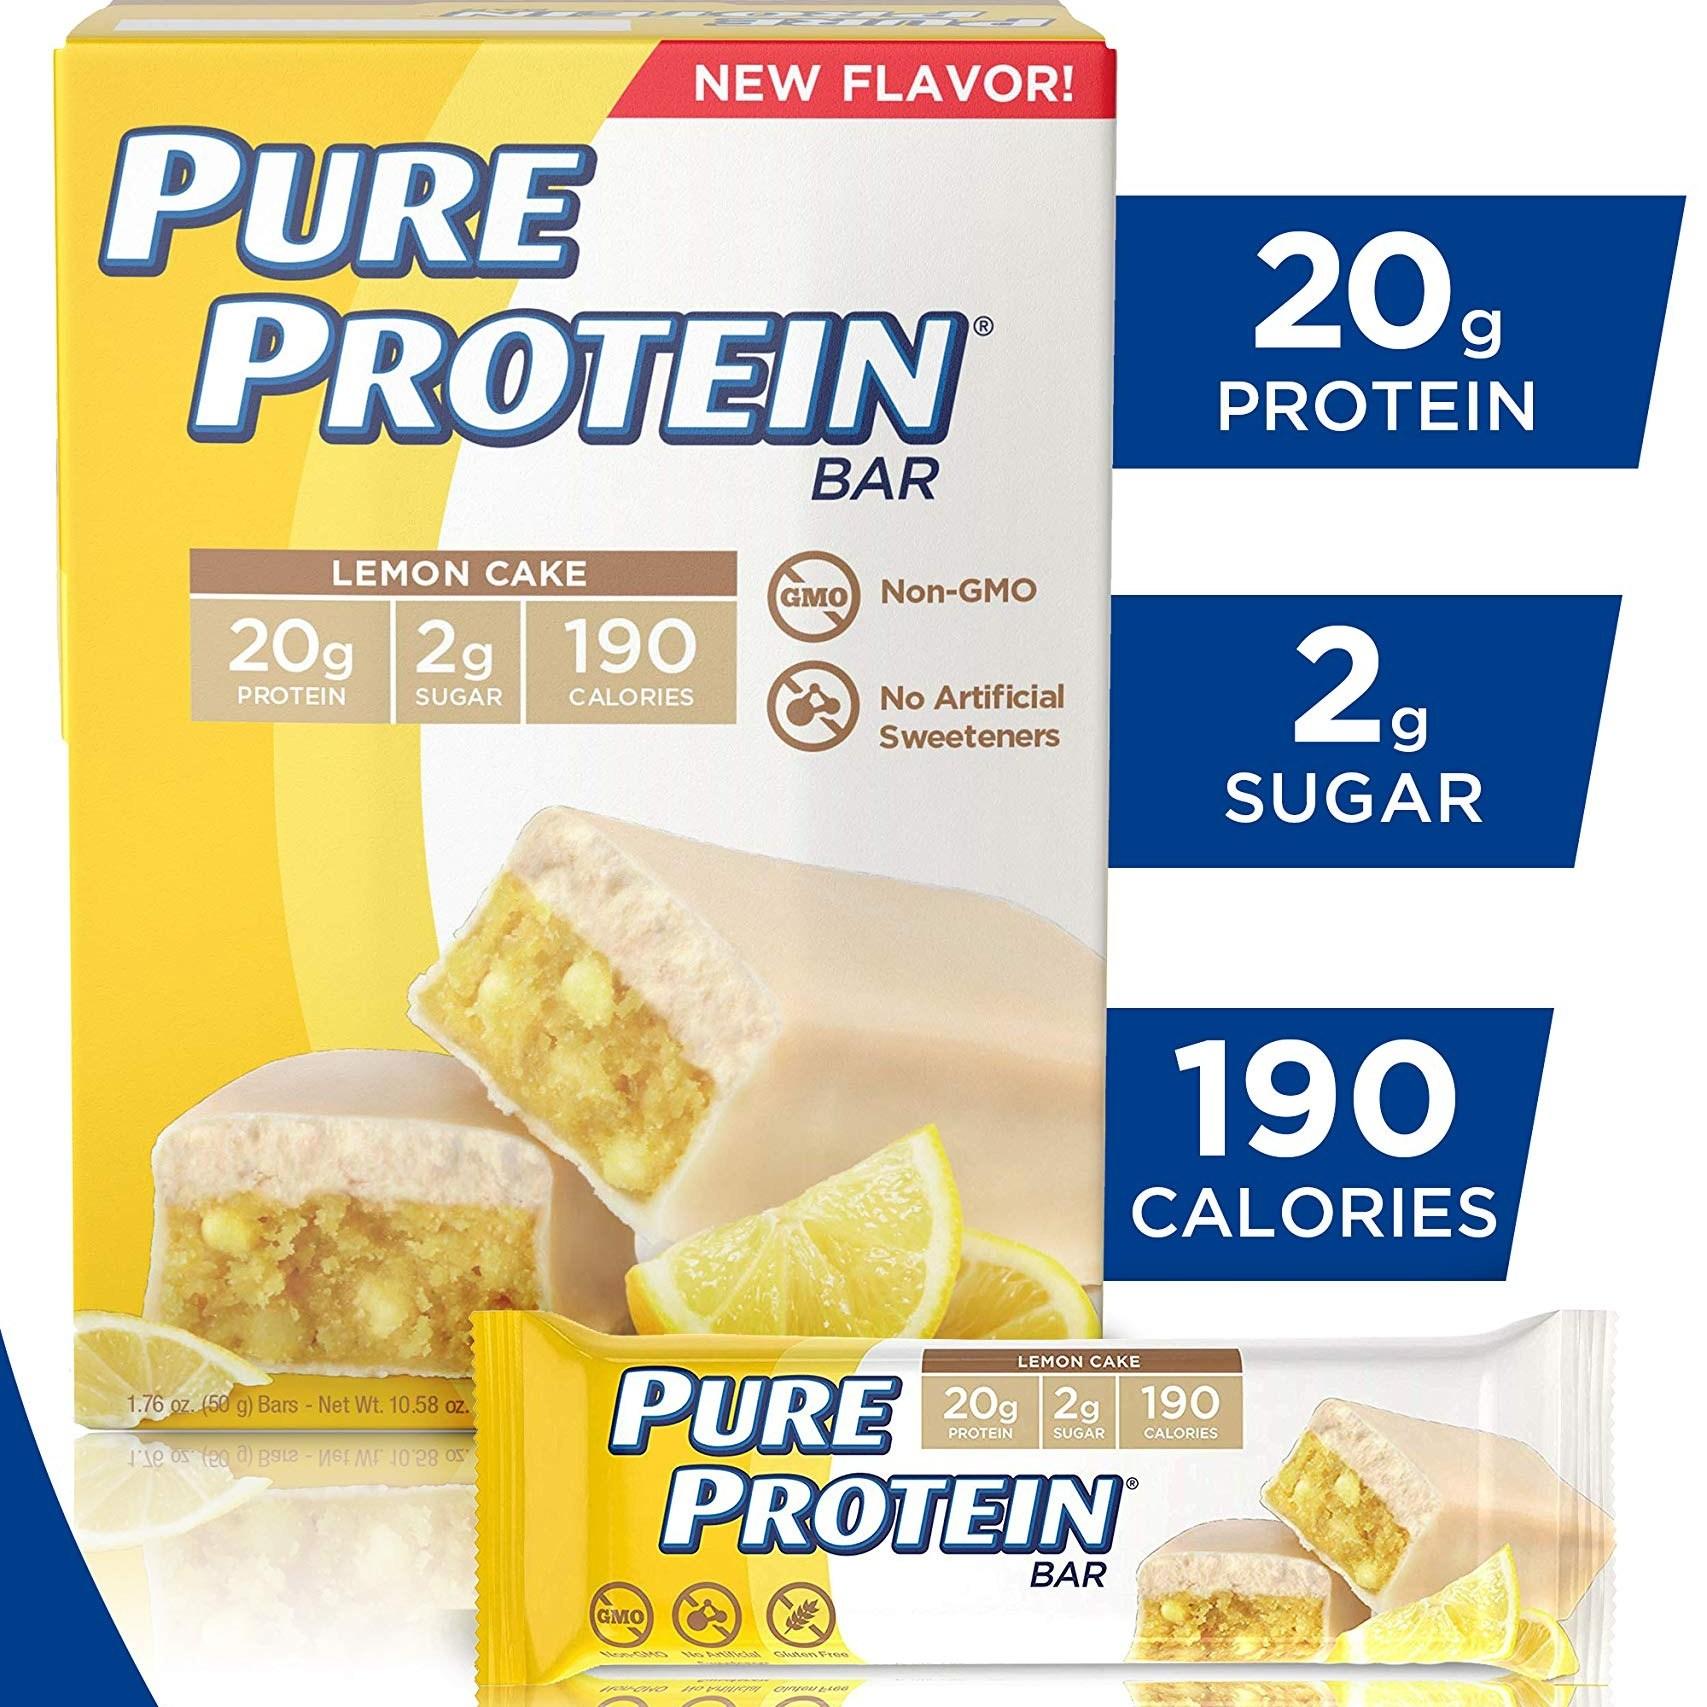 퓨어 프로틴바 고단백 에너지 저당 글루텐프리 레몬 케이크 50g 12개입, 12개